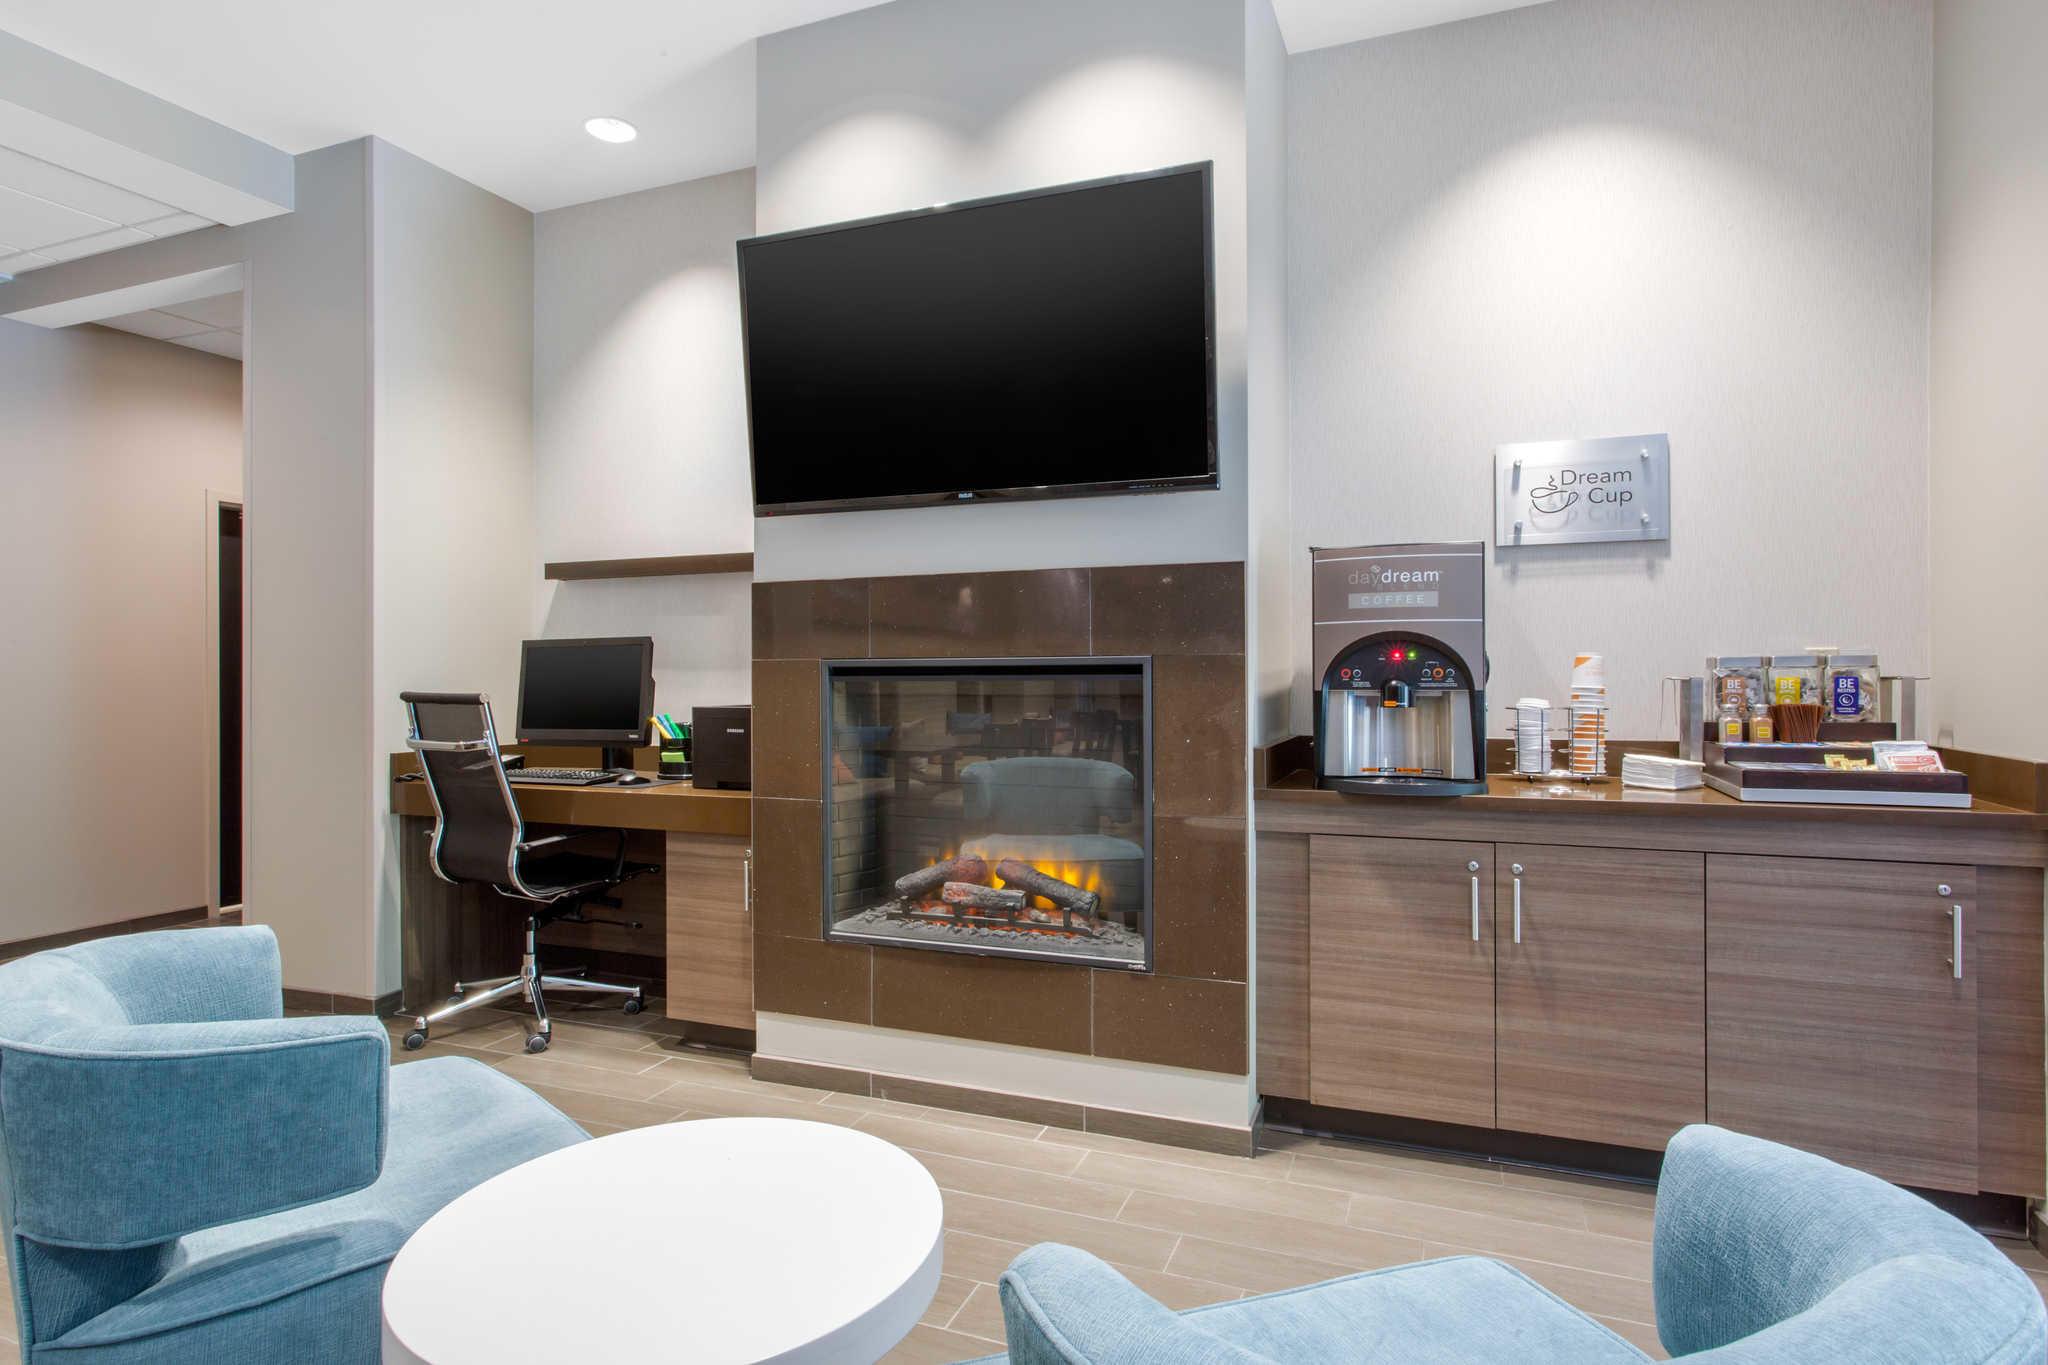 Sleep Inn & Suites Monroe - Woodbury image 30